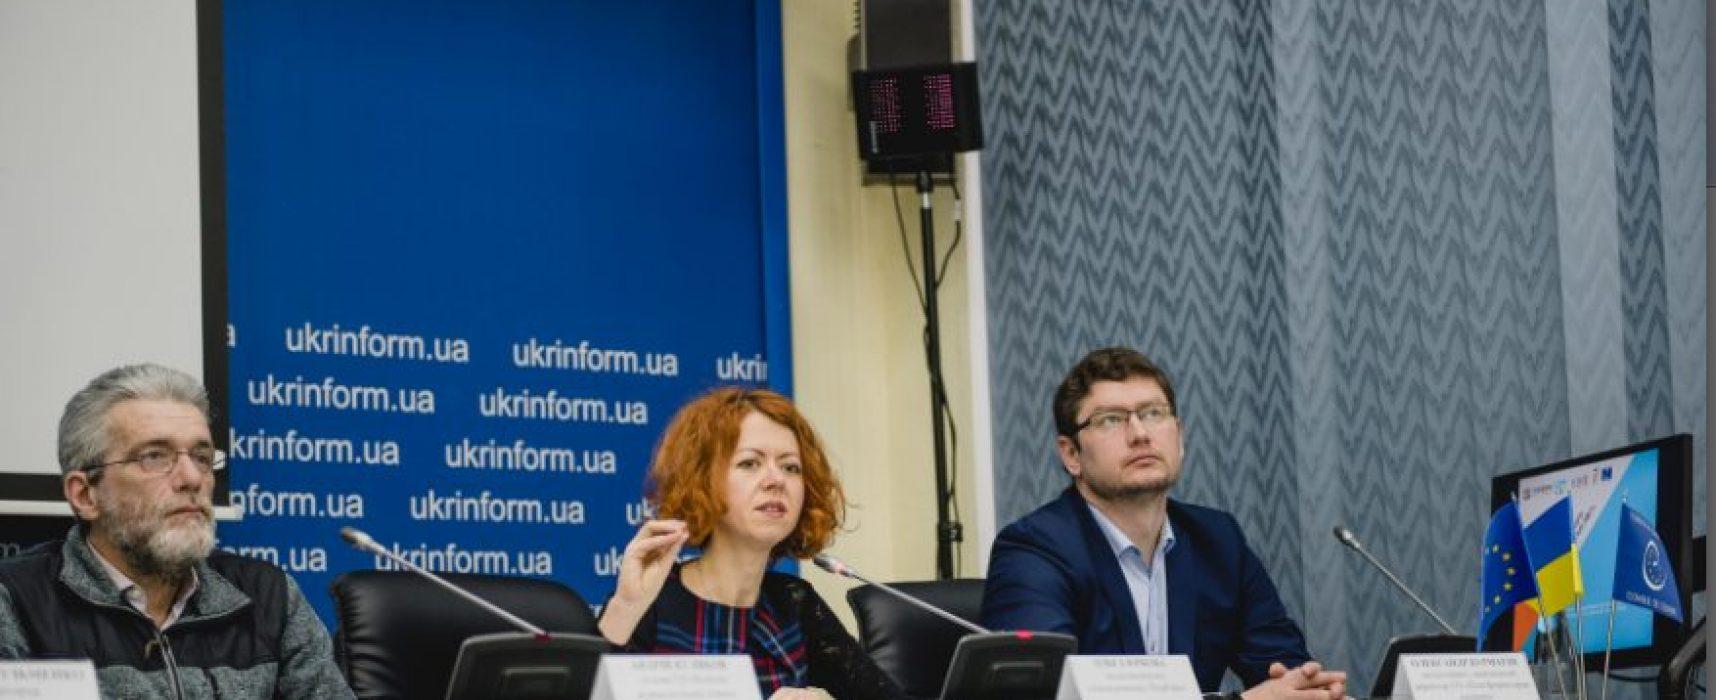 Российское влияние стало одной из доминирующих тем в предвыборном дискурсе: результаты медиамониторинга второго тура выборов